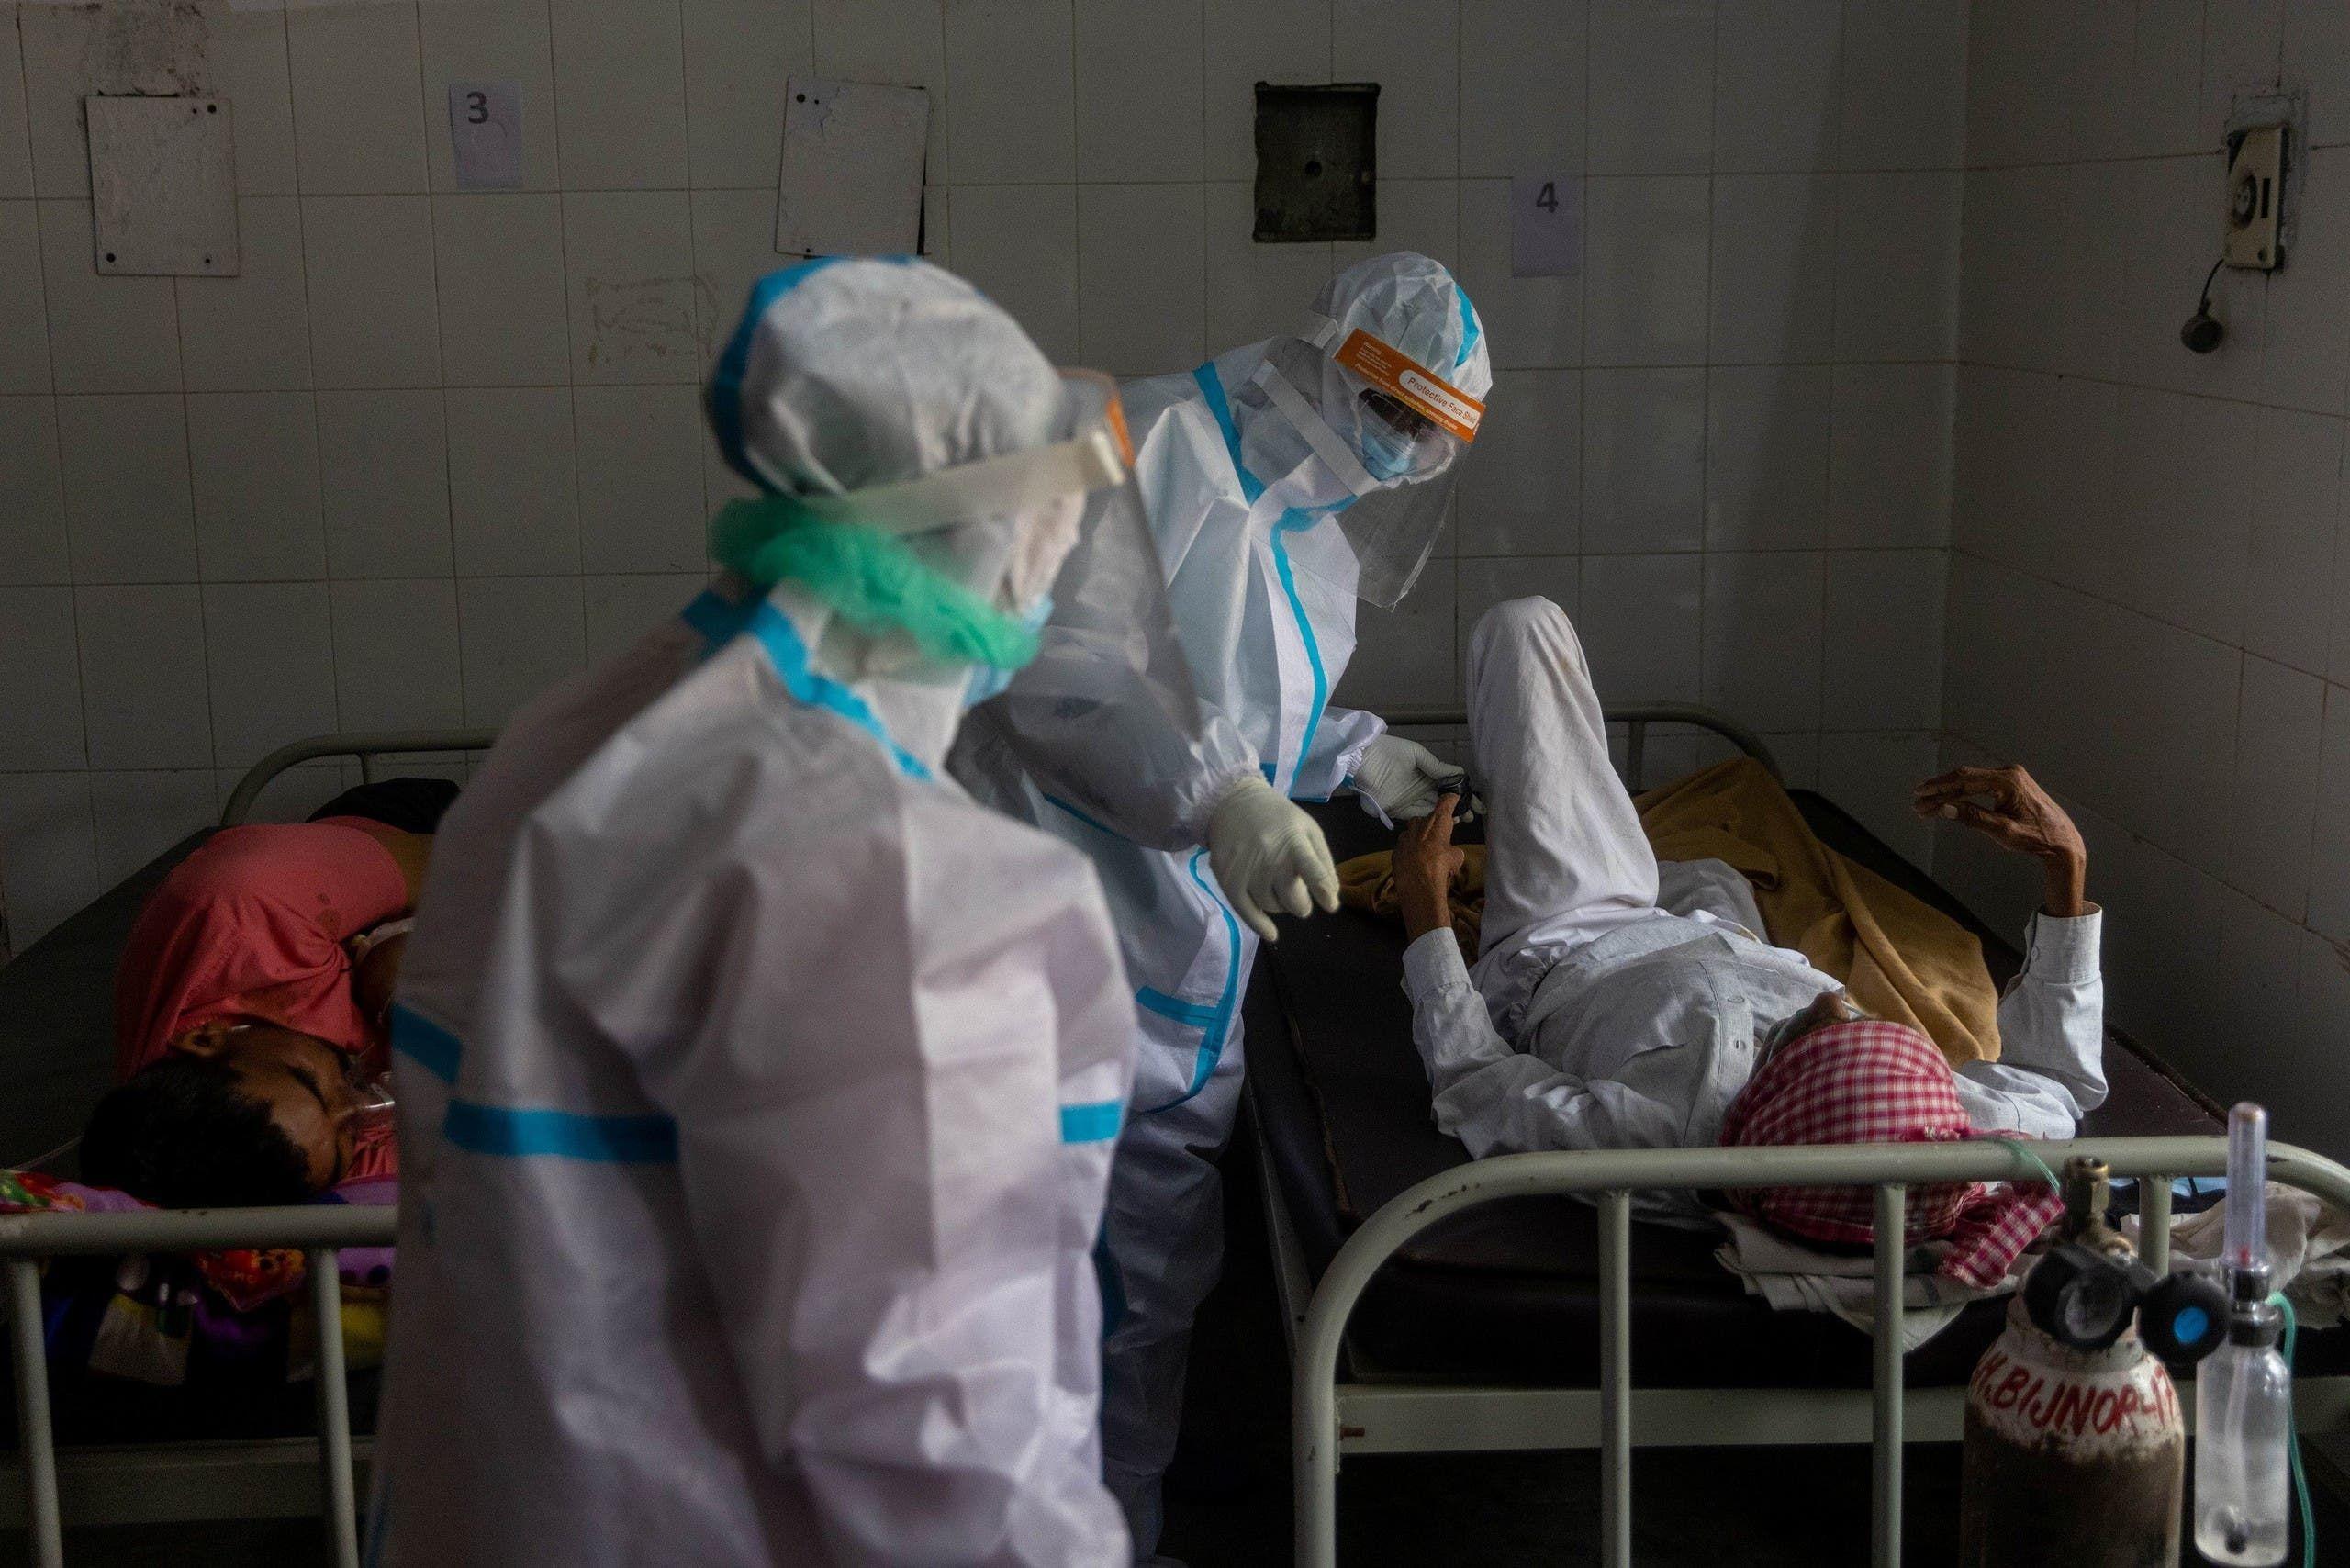 من مستشفى في الهند يوم 11 مايو (رويترز)